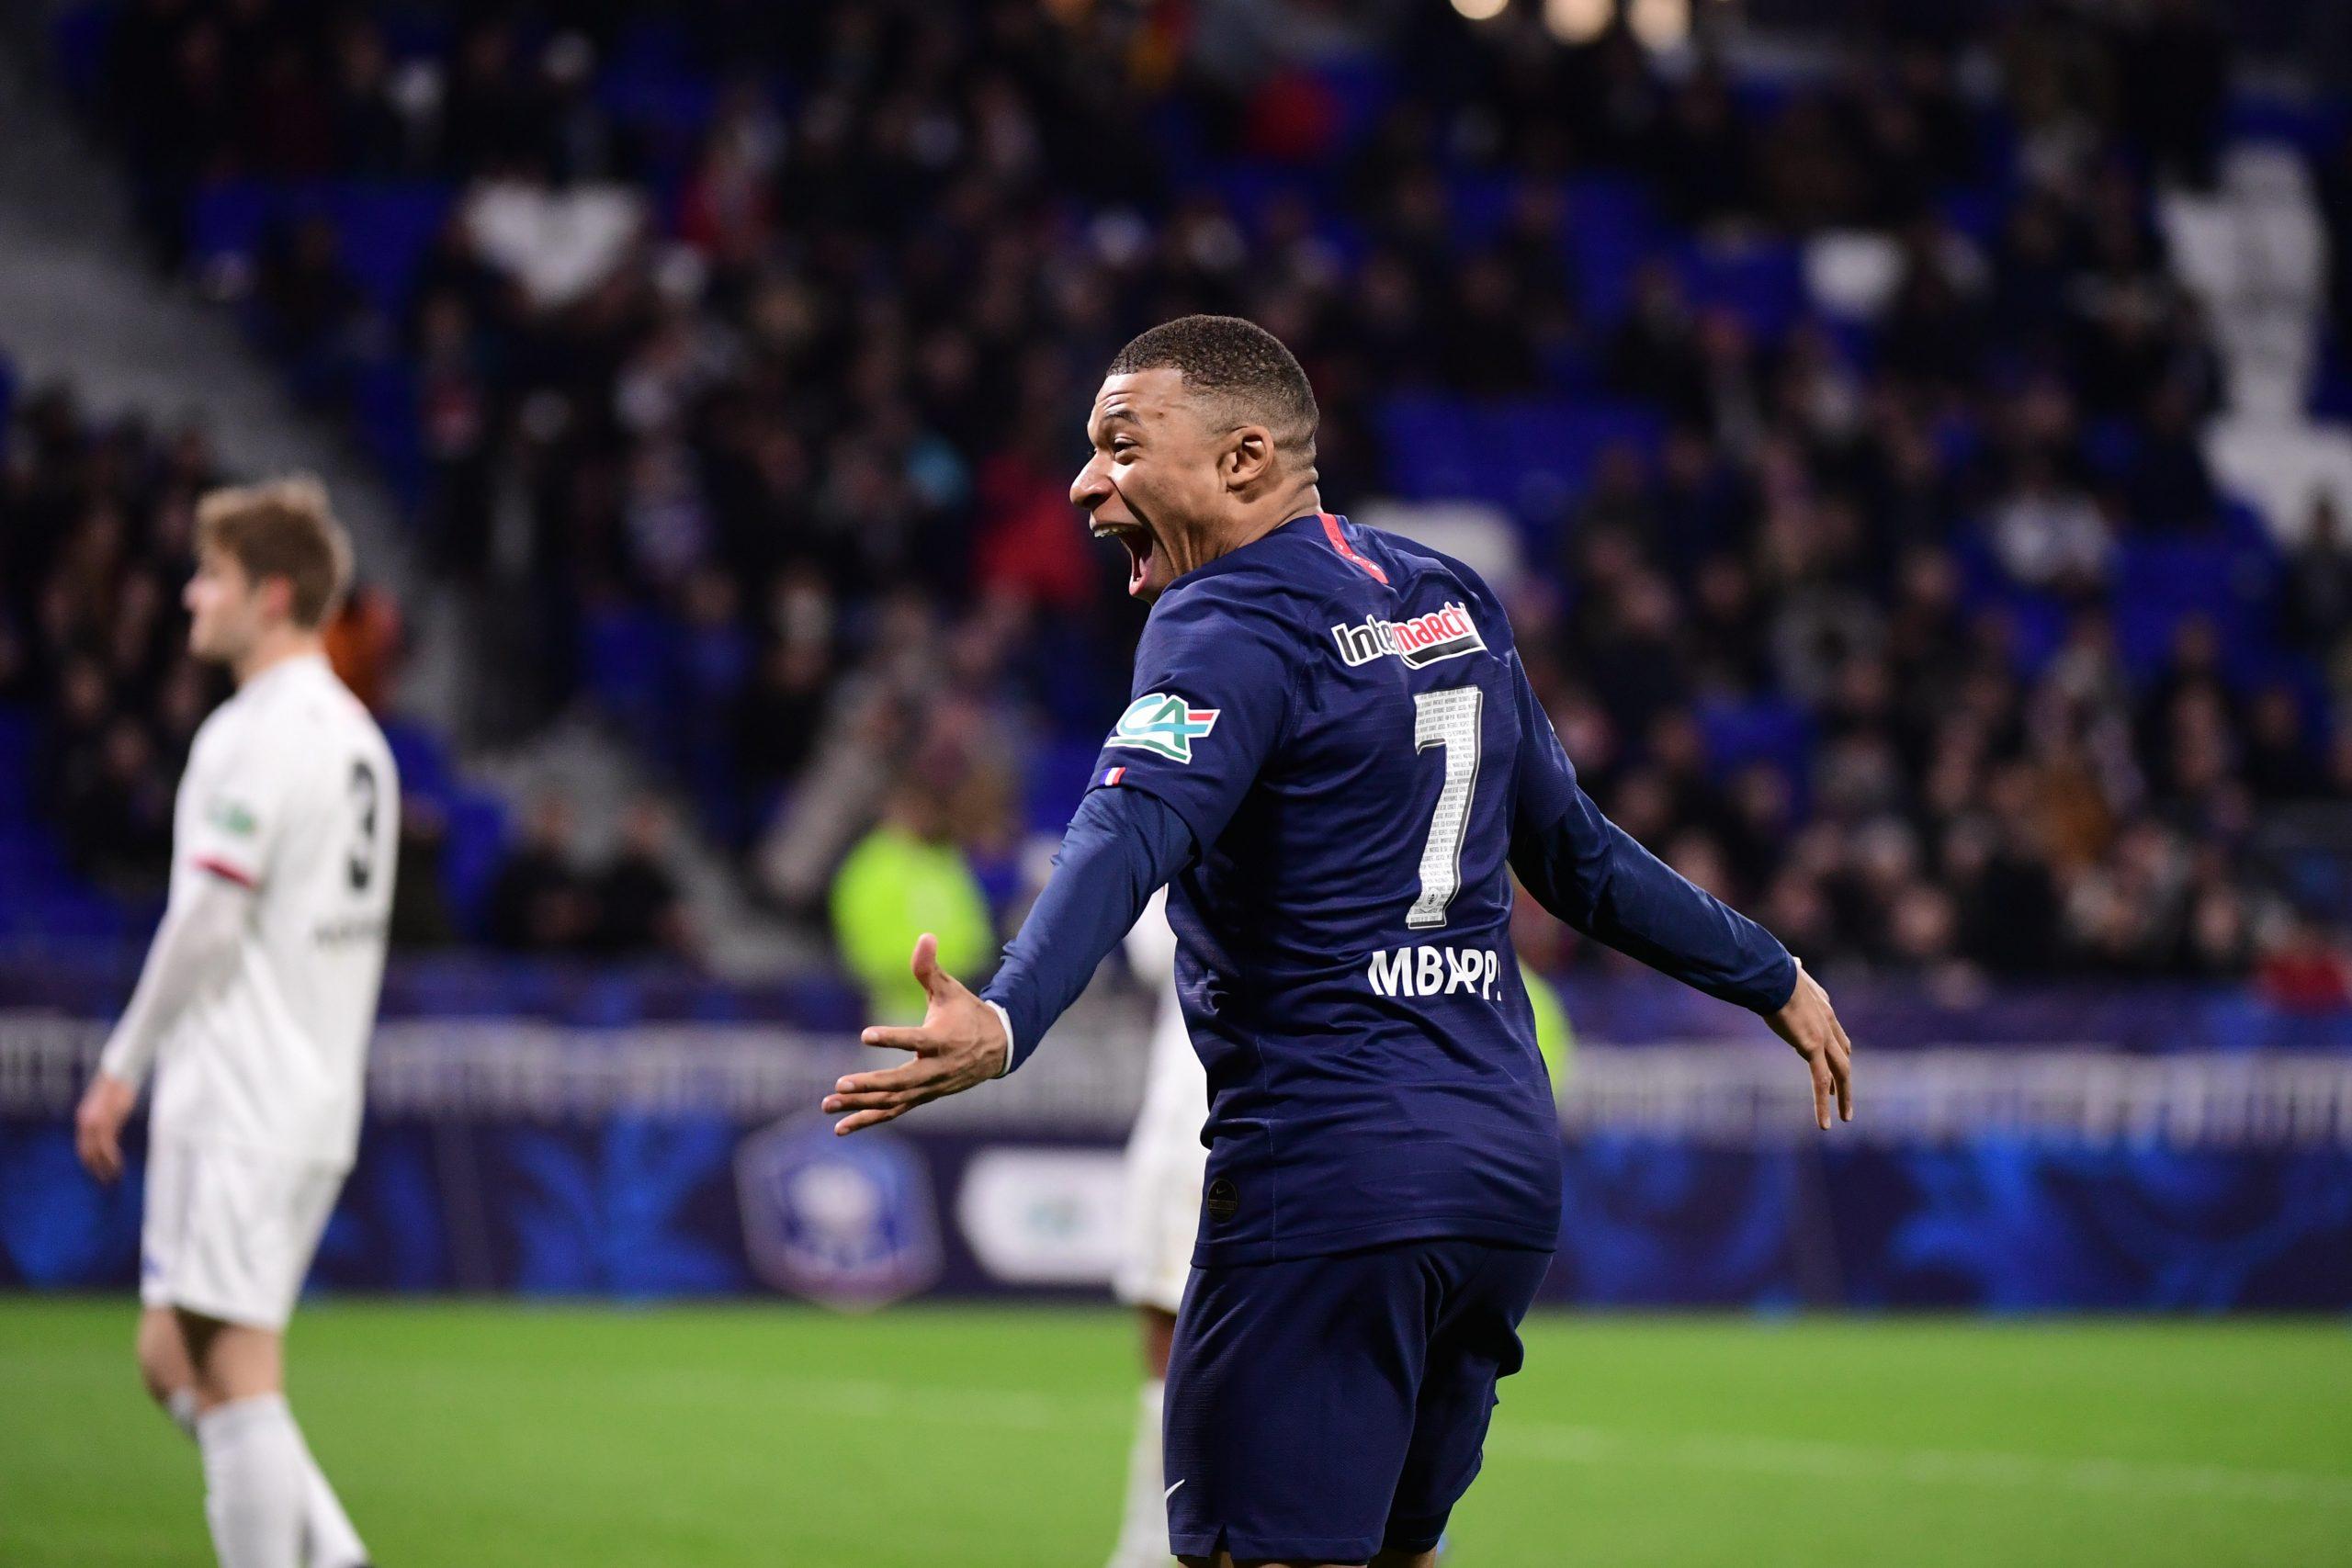 OL/PSG - Les notes des Parisiens dans la presse : Mbappé largement homme du match